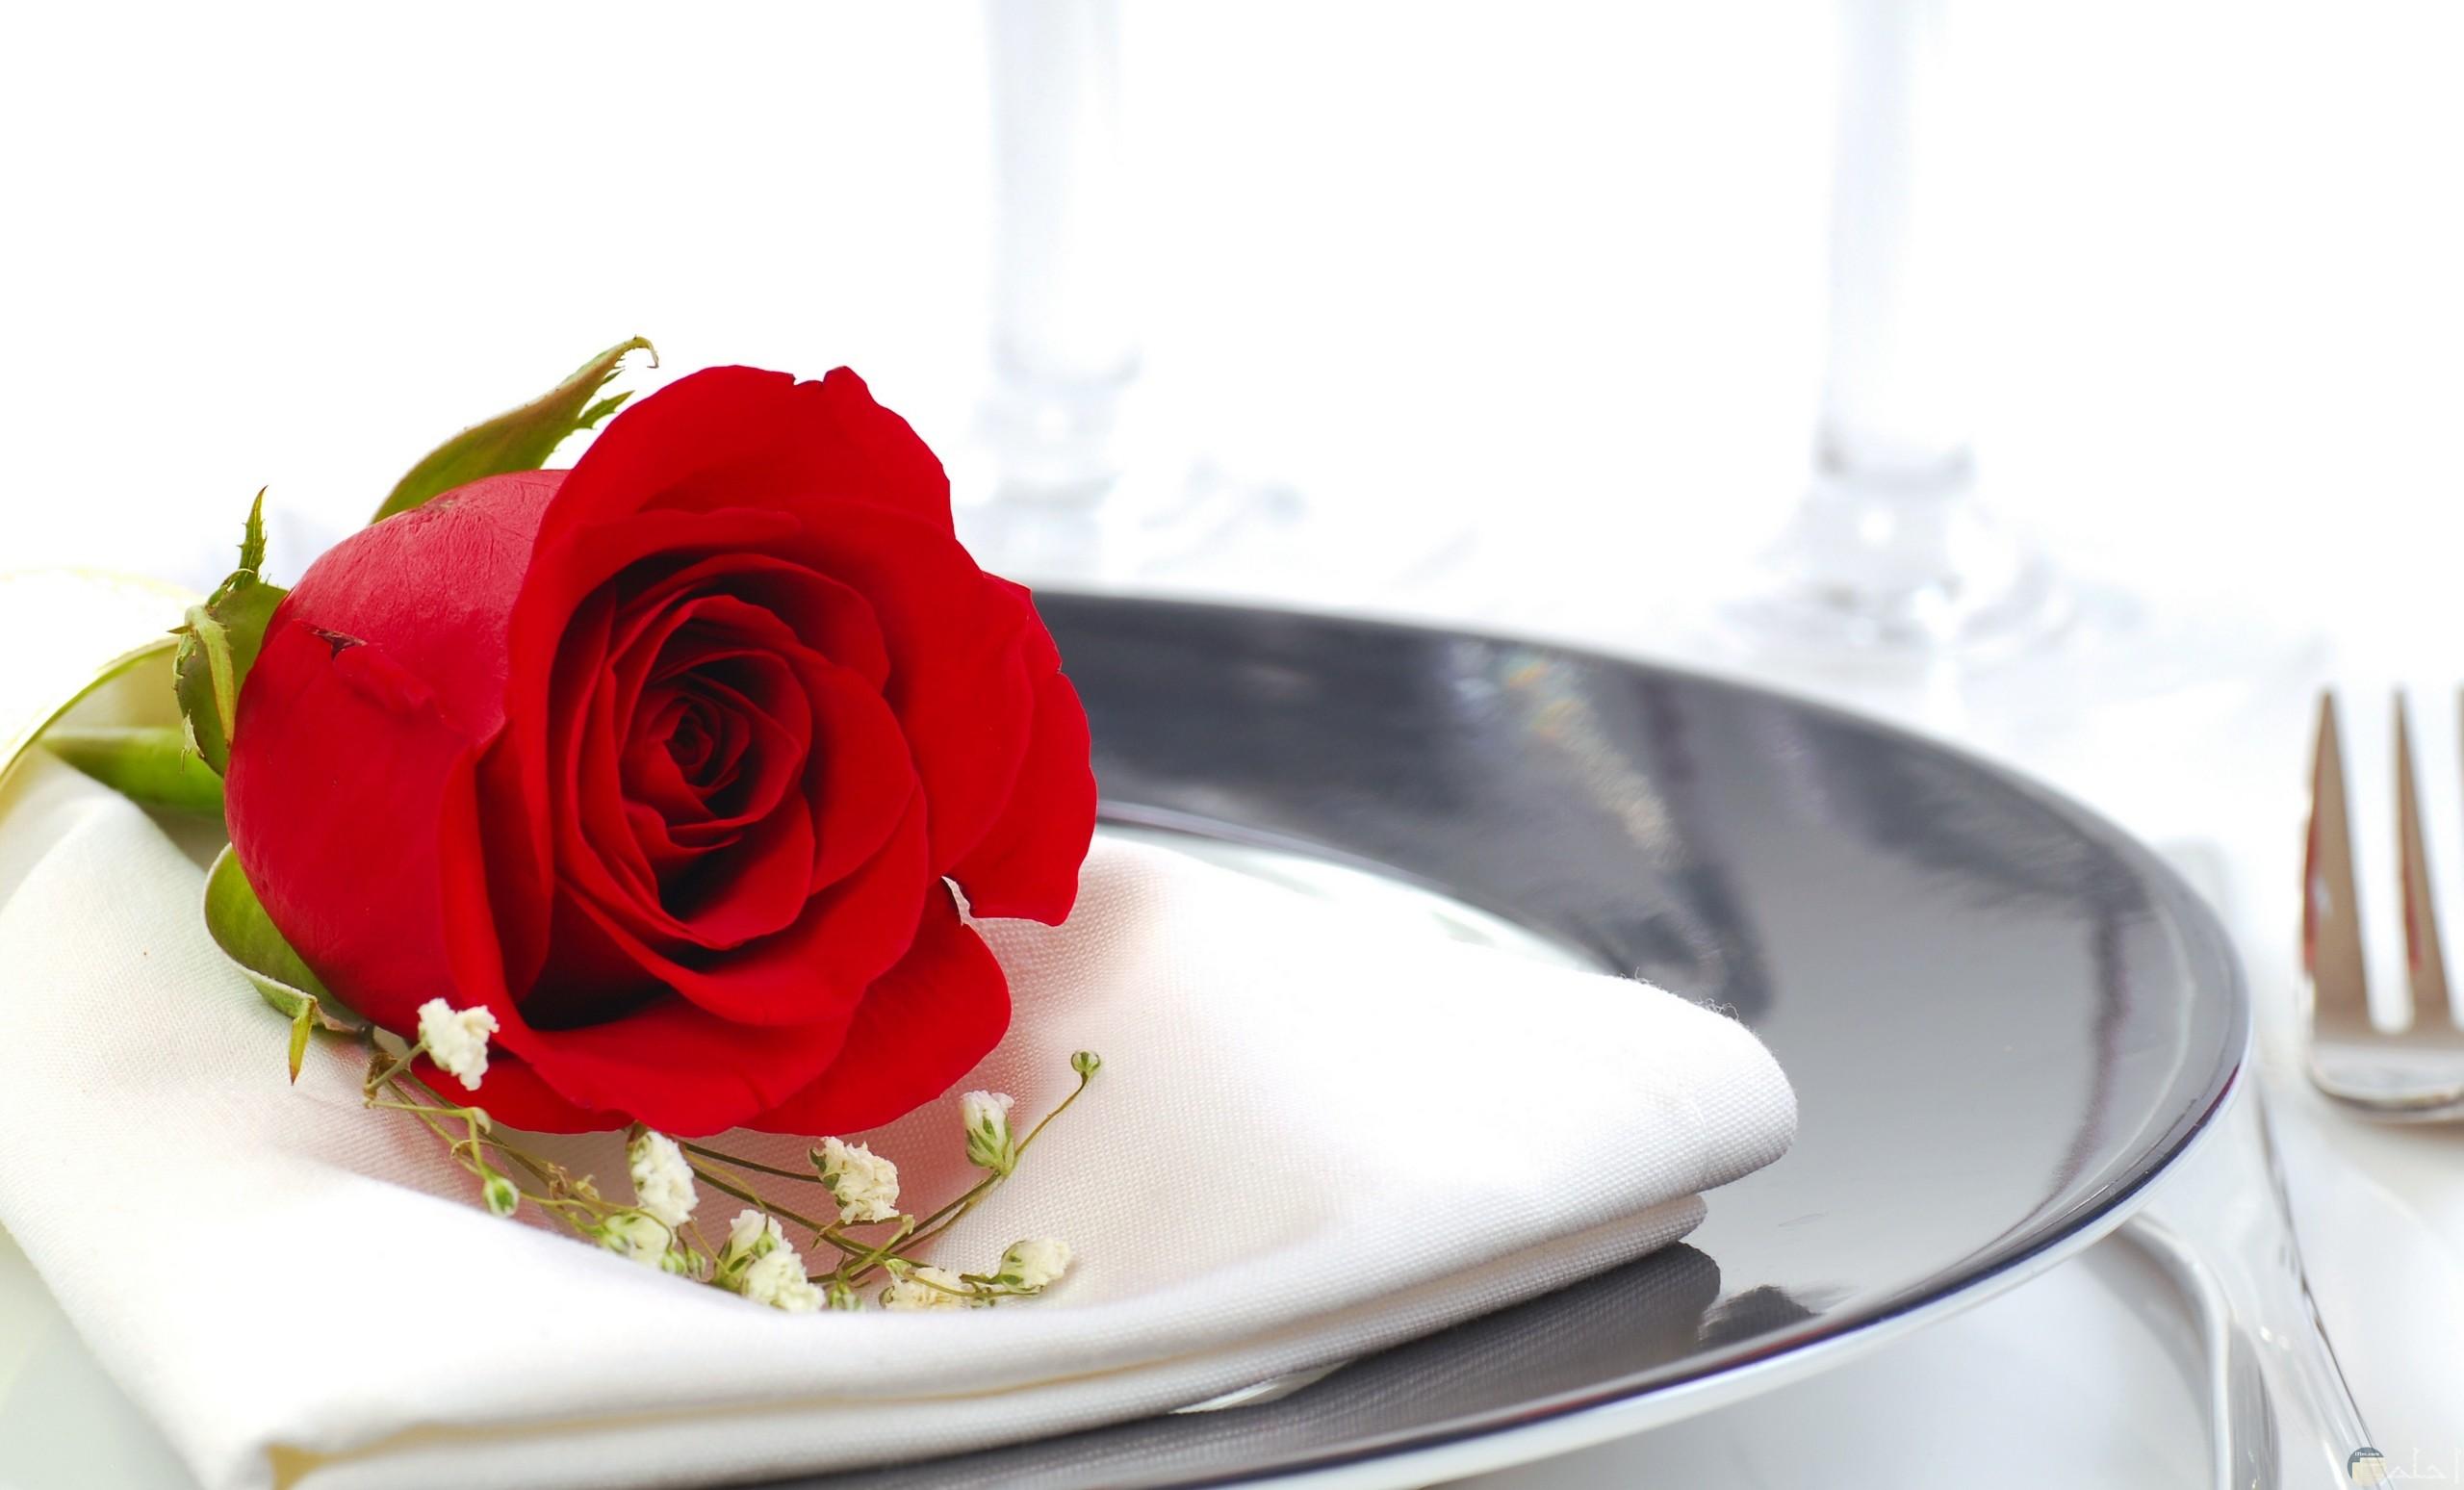 صورة لورده حمراء واحدة جميلة موجودة علي طبق